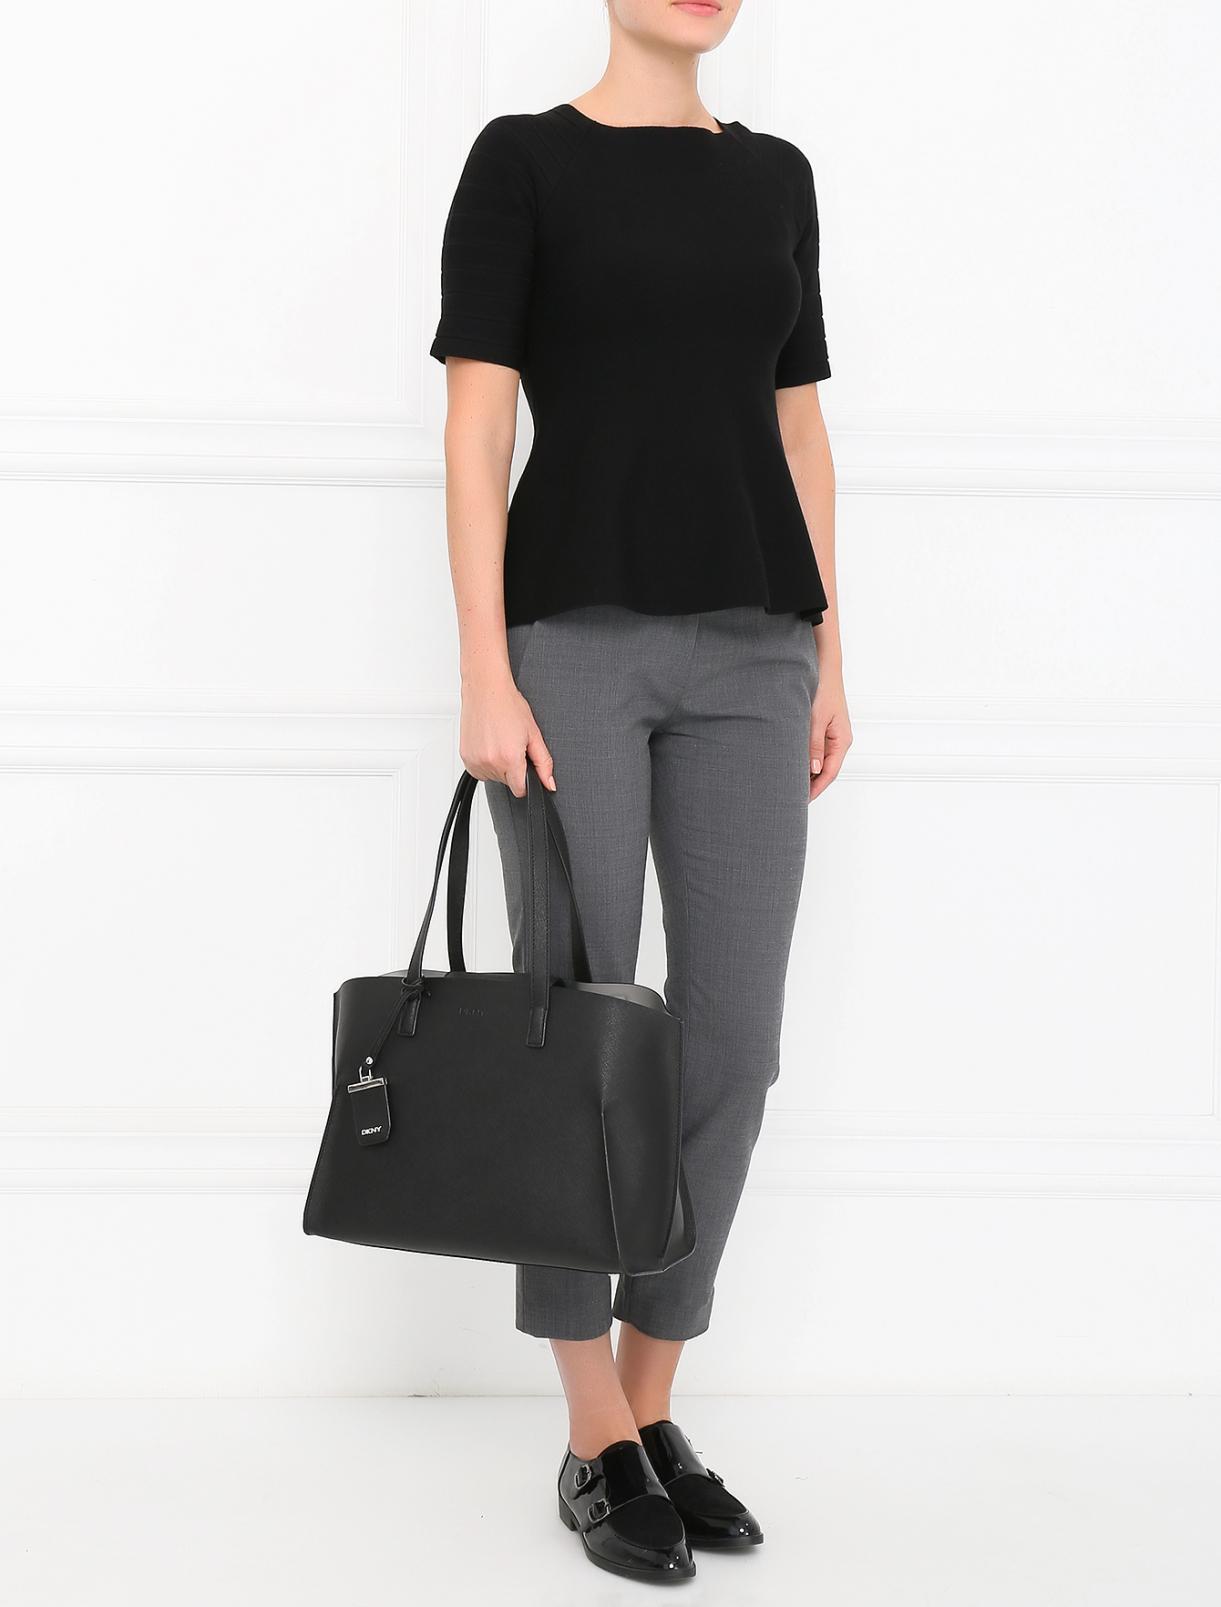 Джемпер из шерсти с короткими рукавами Emporio Armani  –  Модель Общий вид